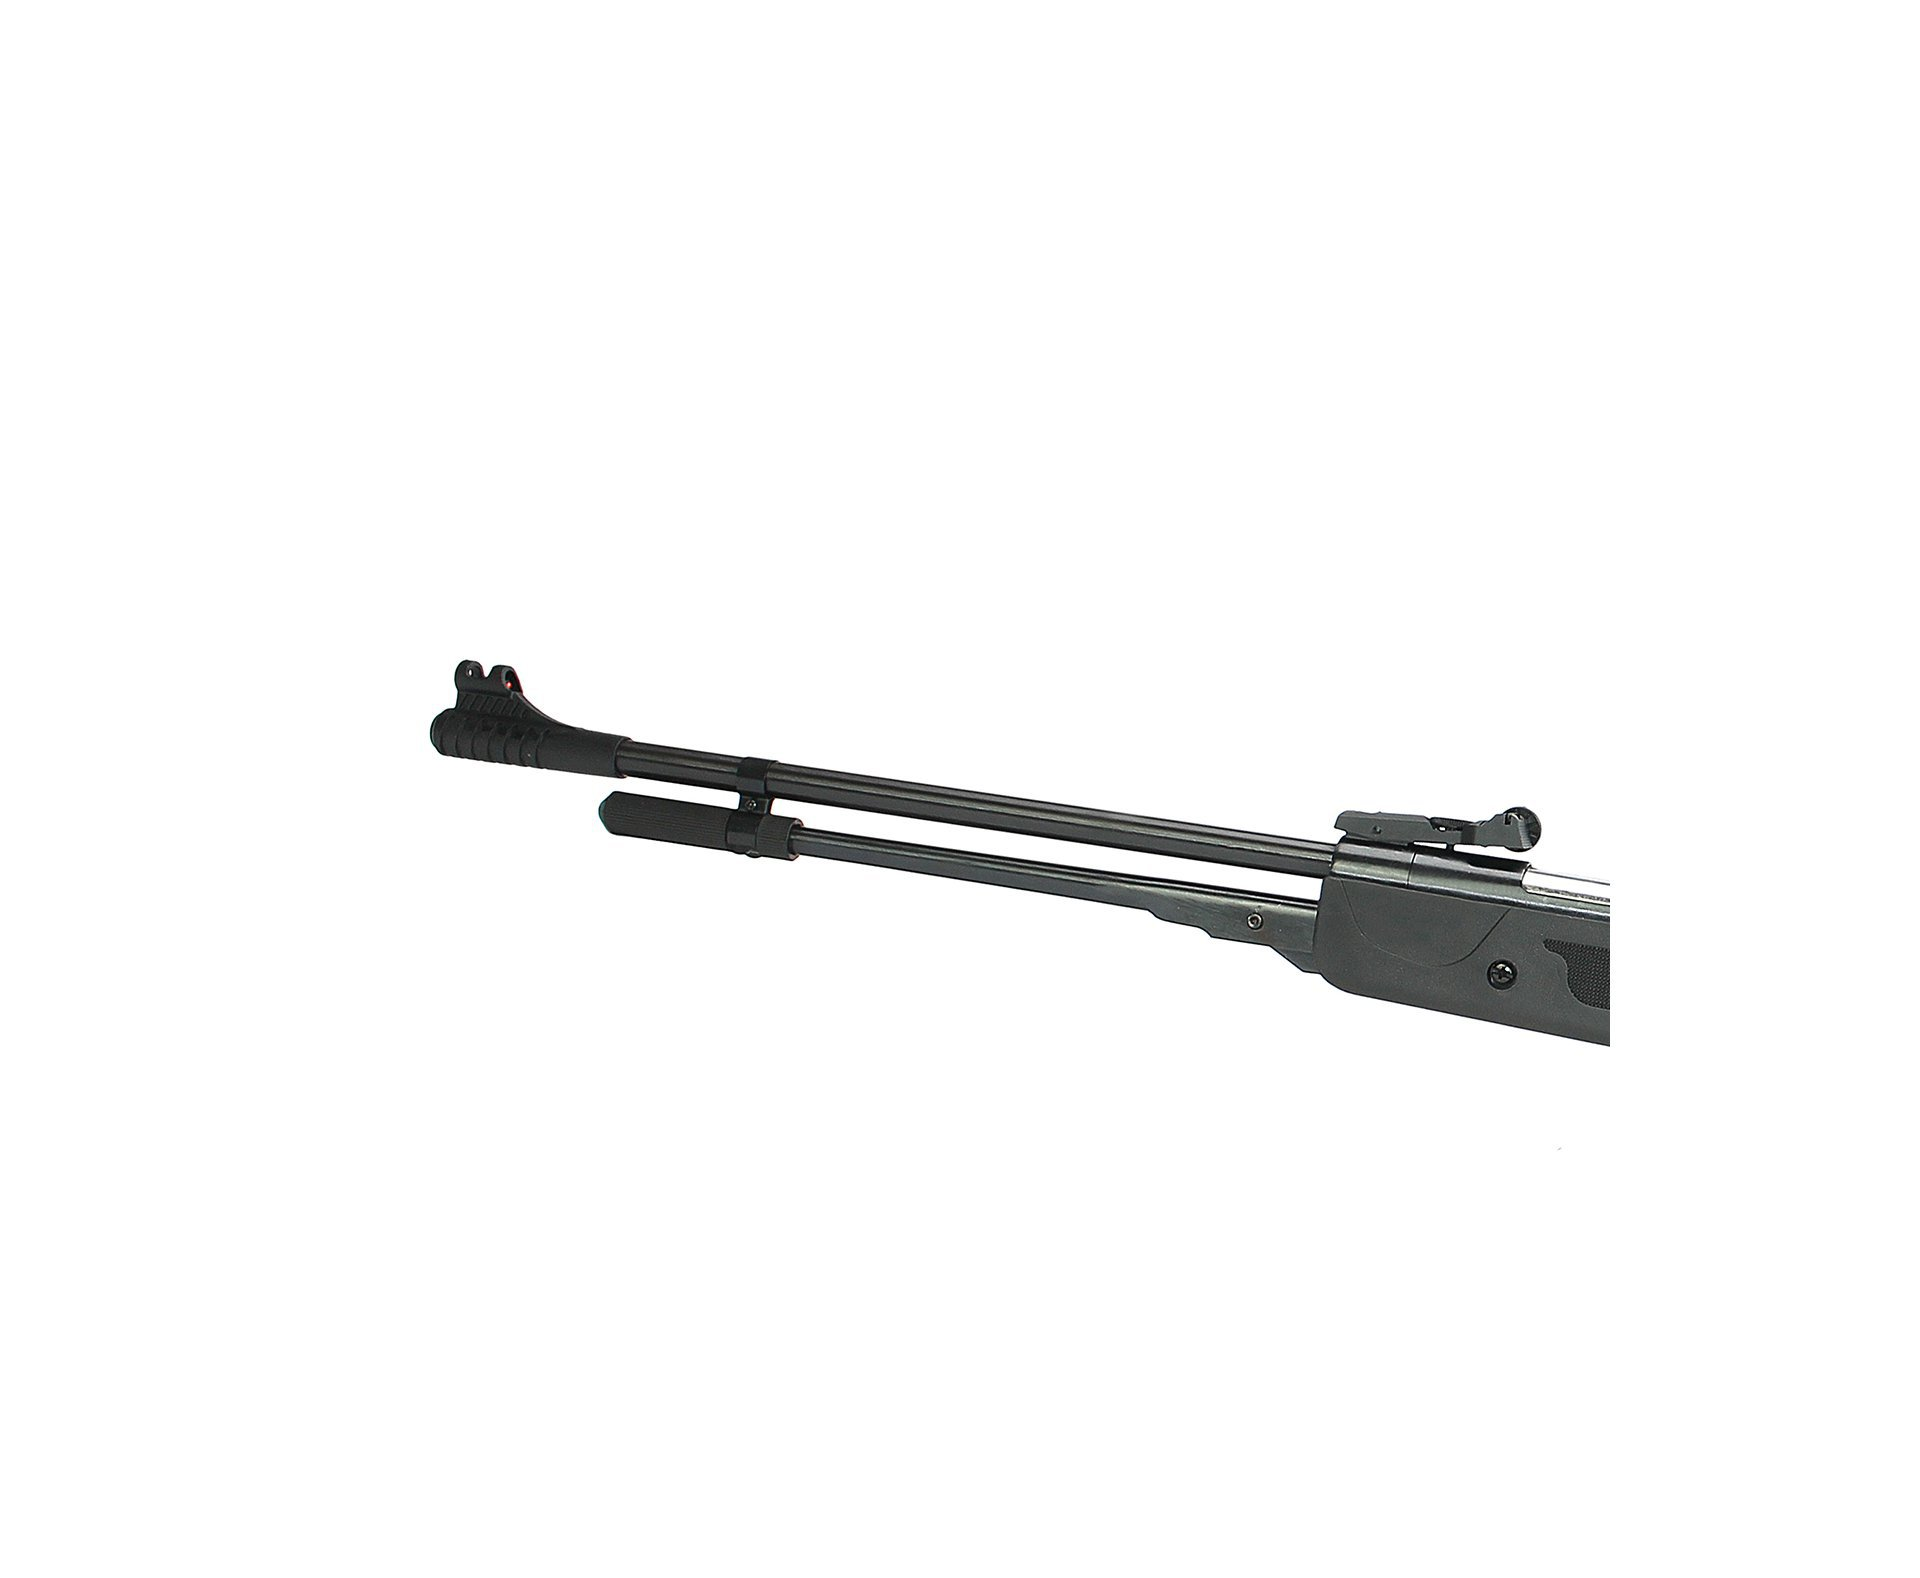 Carabina De Pressão Spring Black Cal 5,5mm - Fixxar